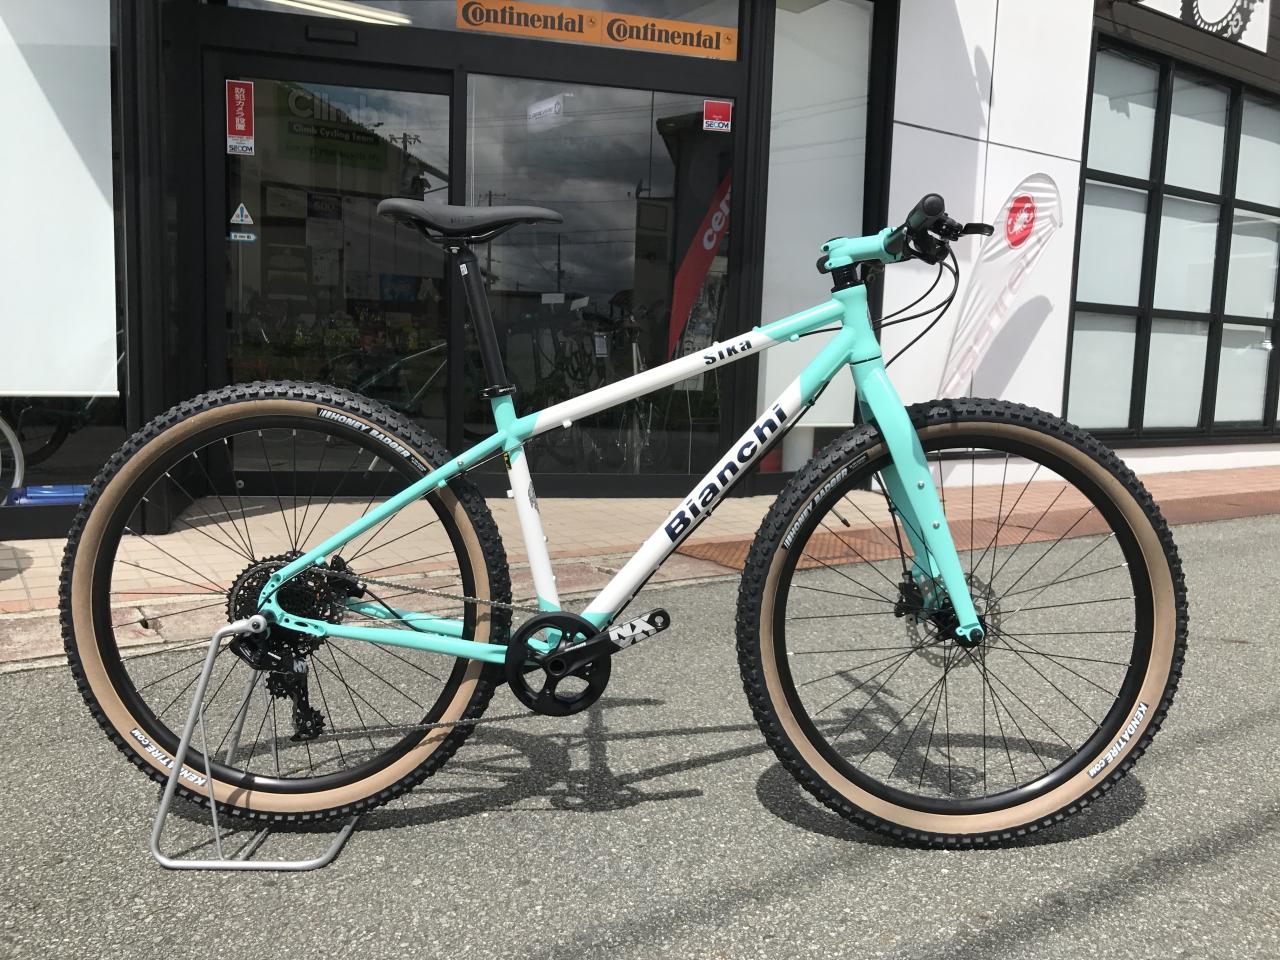 Bianchi SIKA MTB サイクリング~ツーリング~入荷しました!